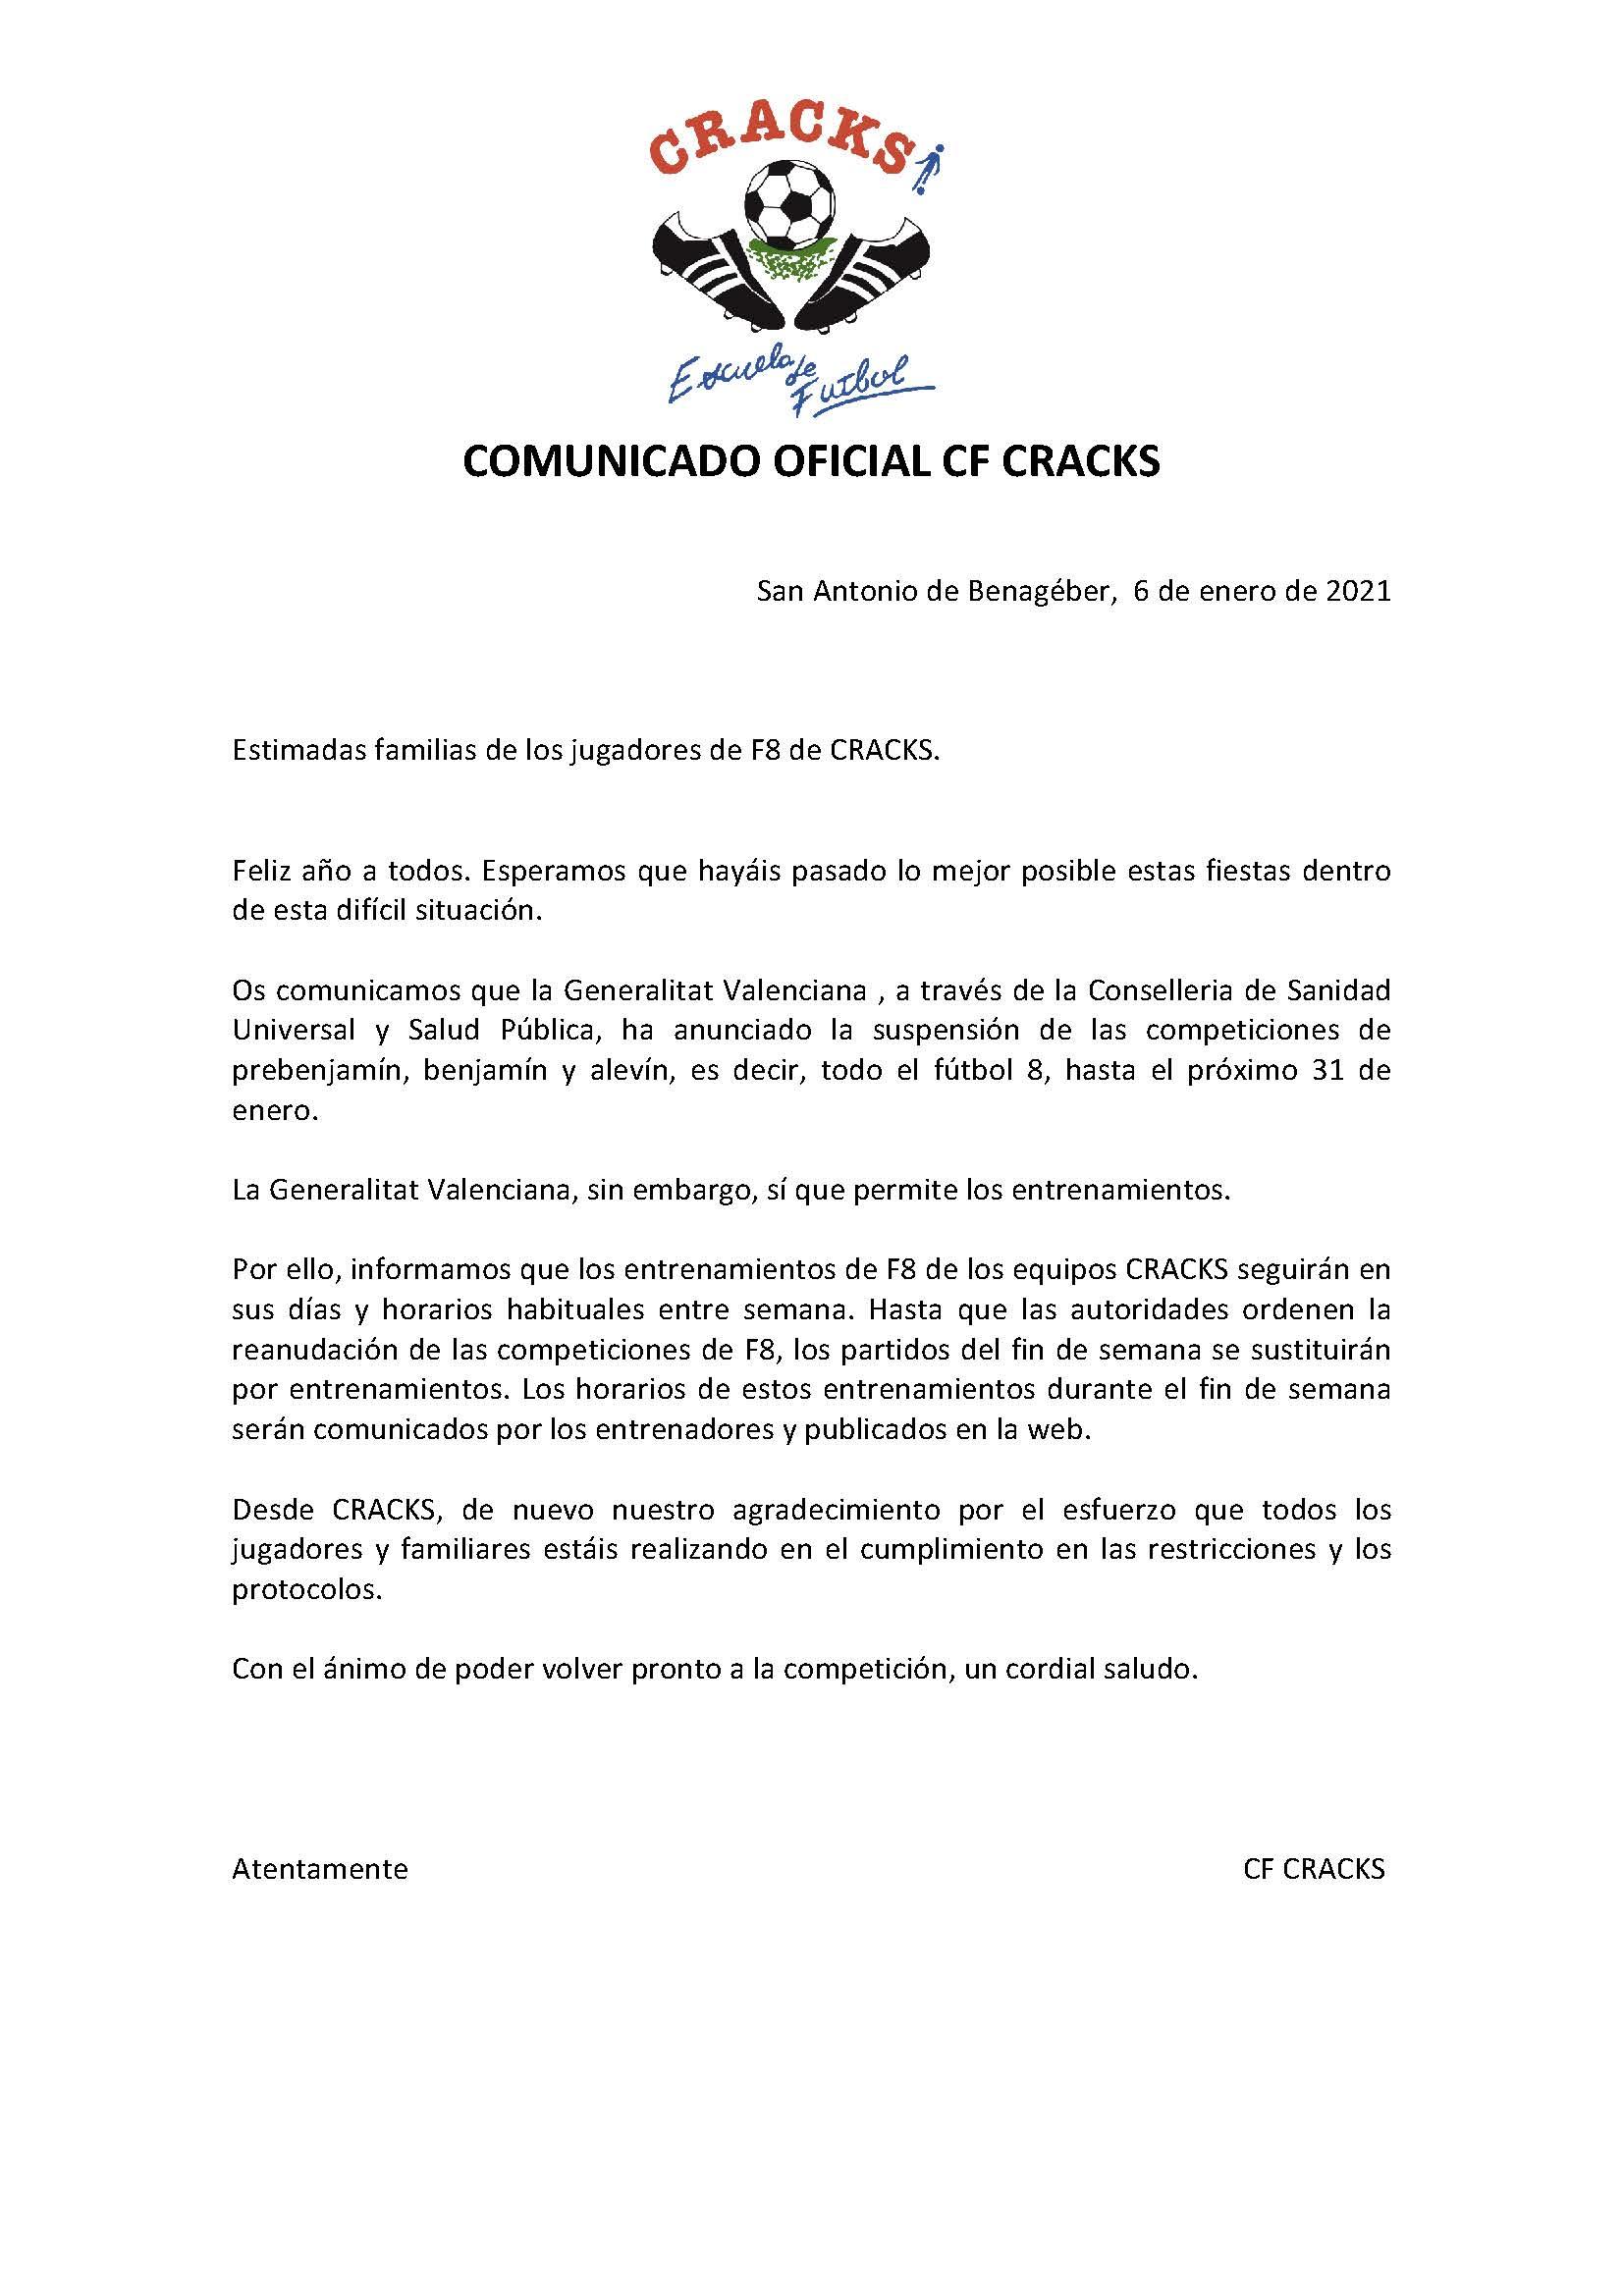 COMUNICADO 6 COVID 19